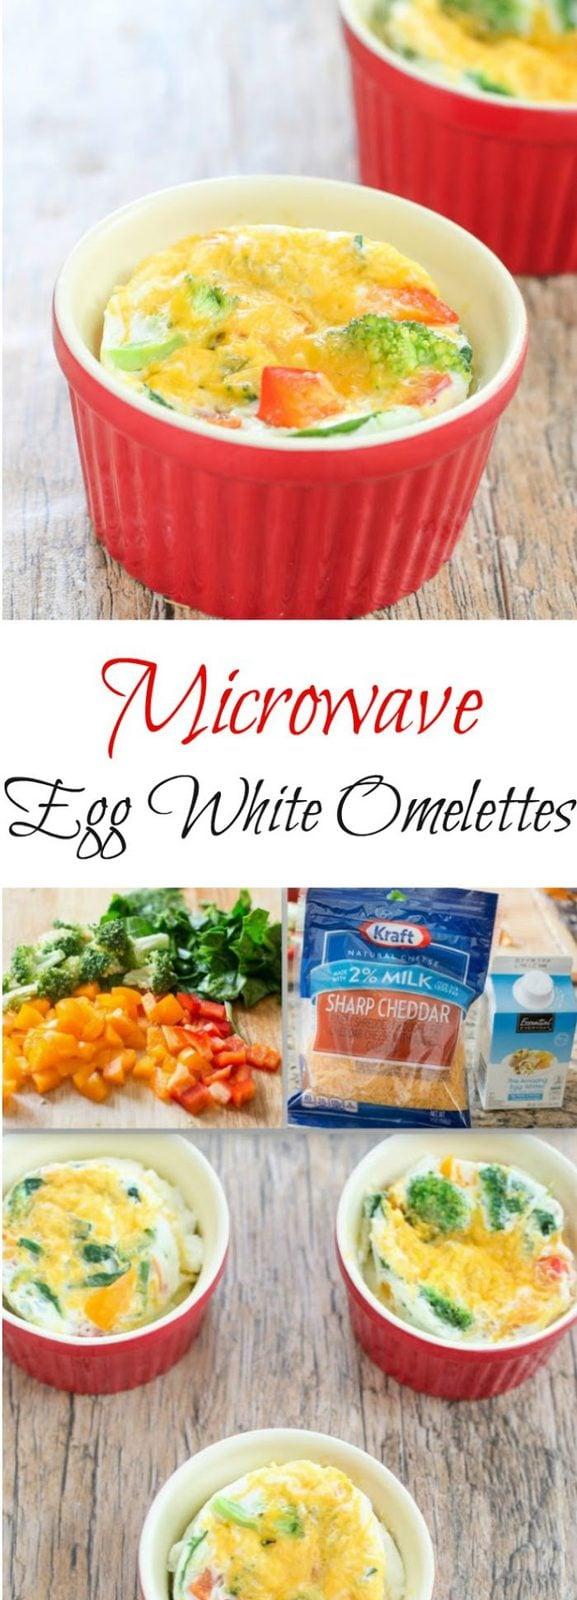 Microwave Egg White Omelets